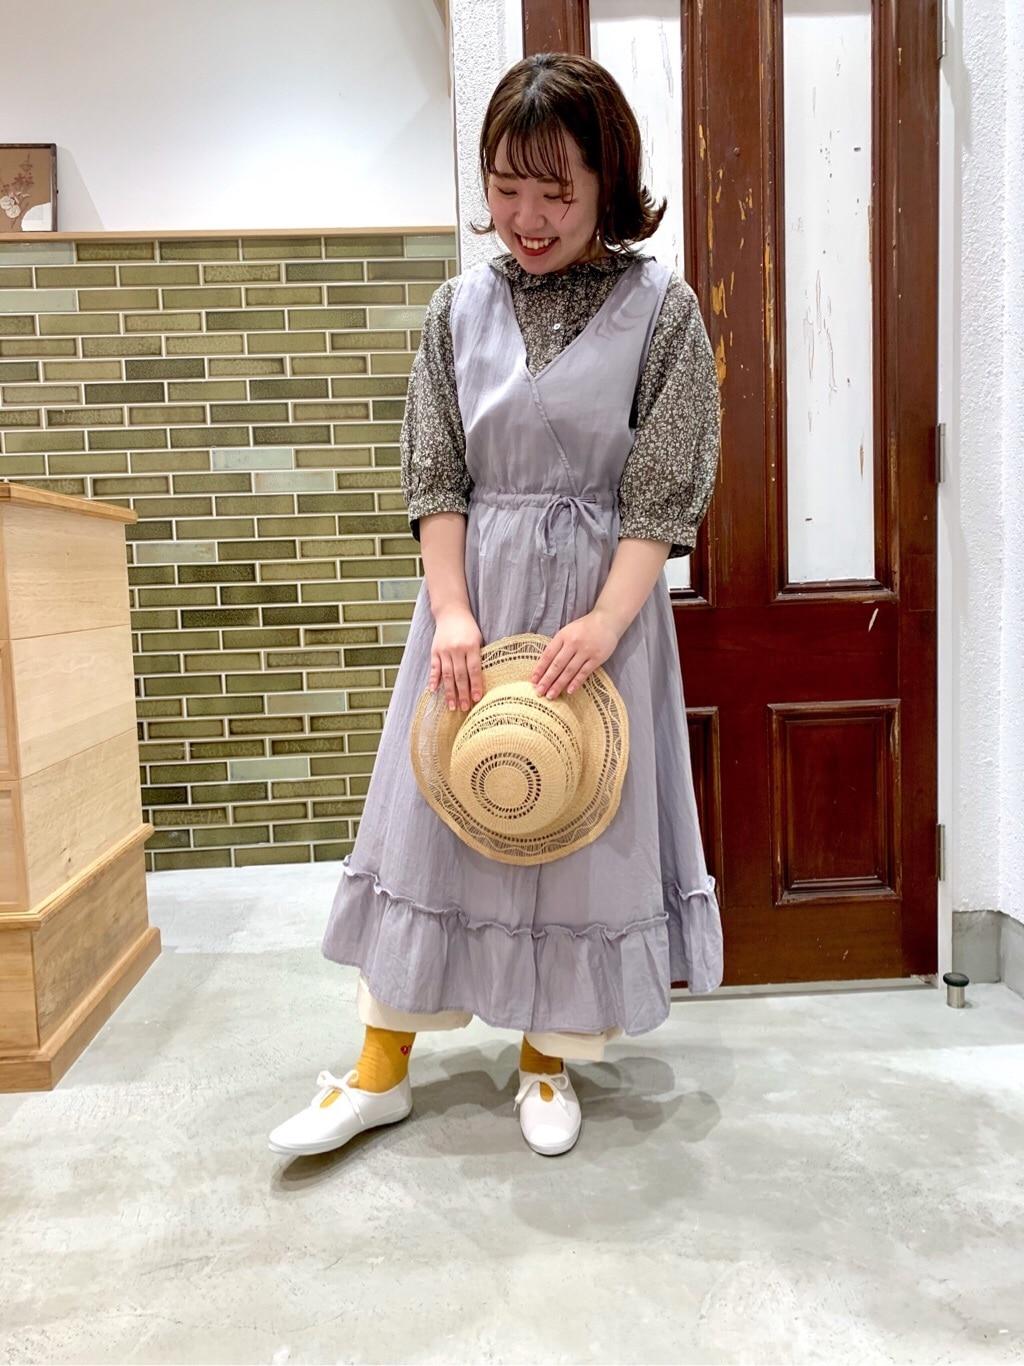 AMB SHOP chambre de charme FLAT AMB 名古屋栄路面 身長:155cm 2020.06.18